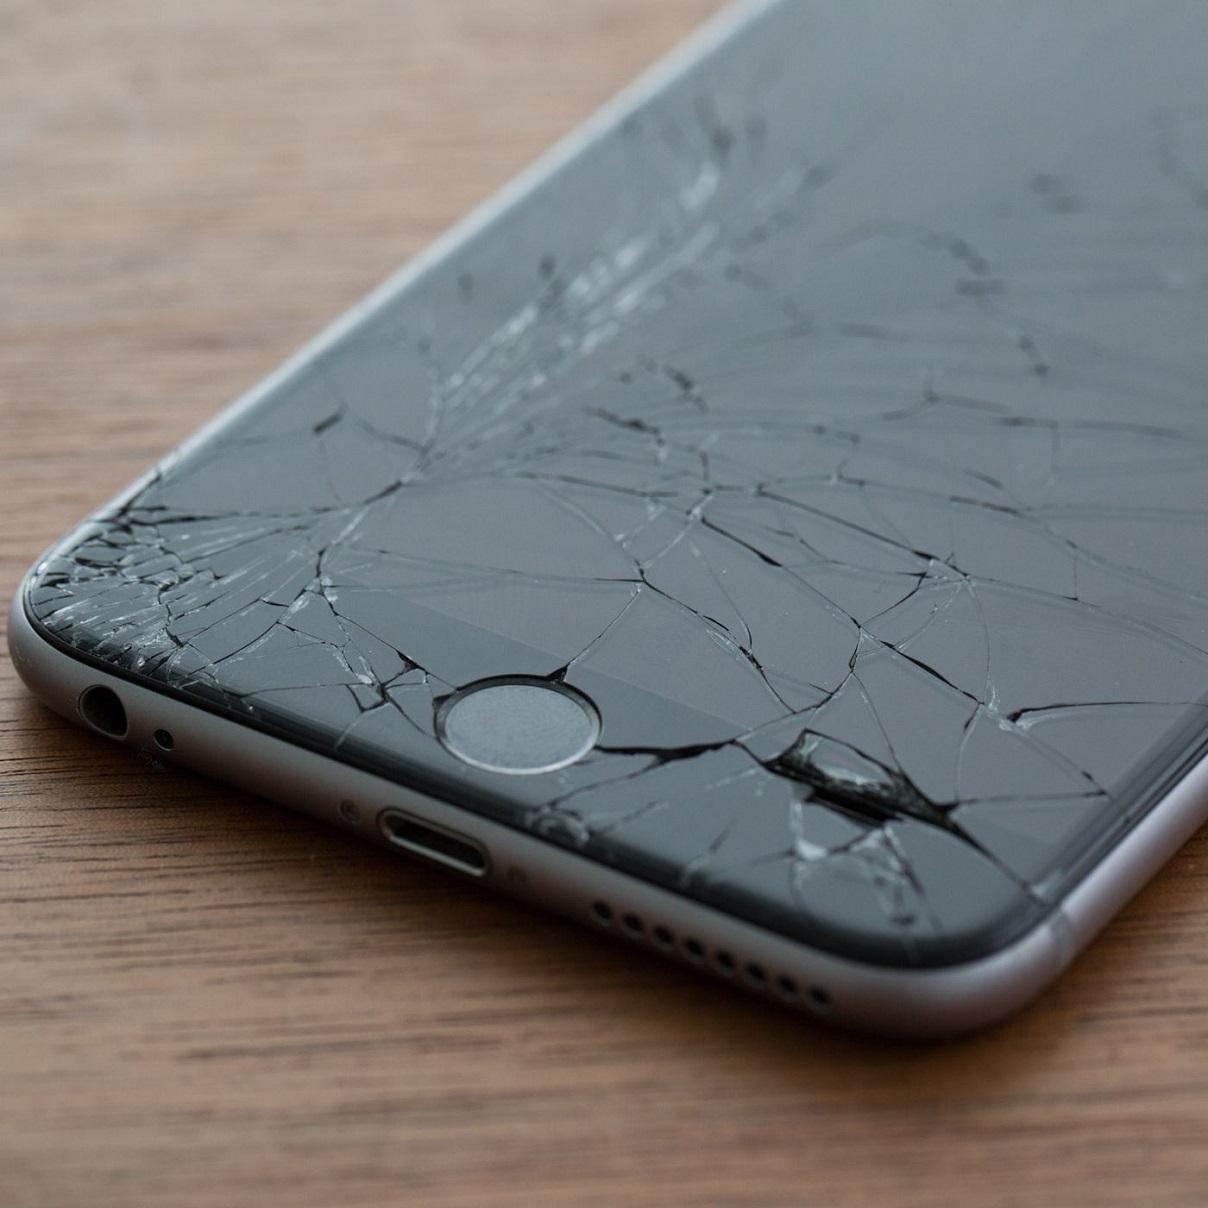 Protes Terhadap AS, Warga Turki Hancurkan iPhone